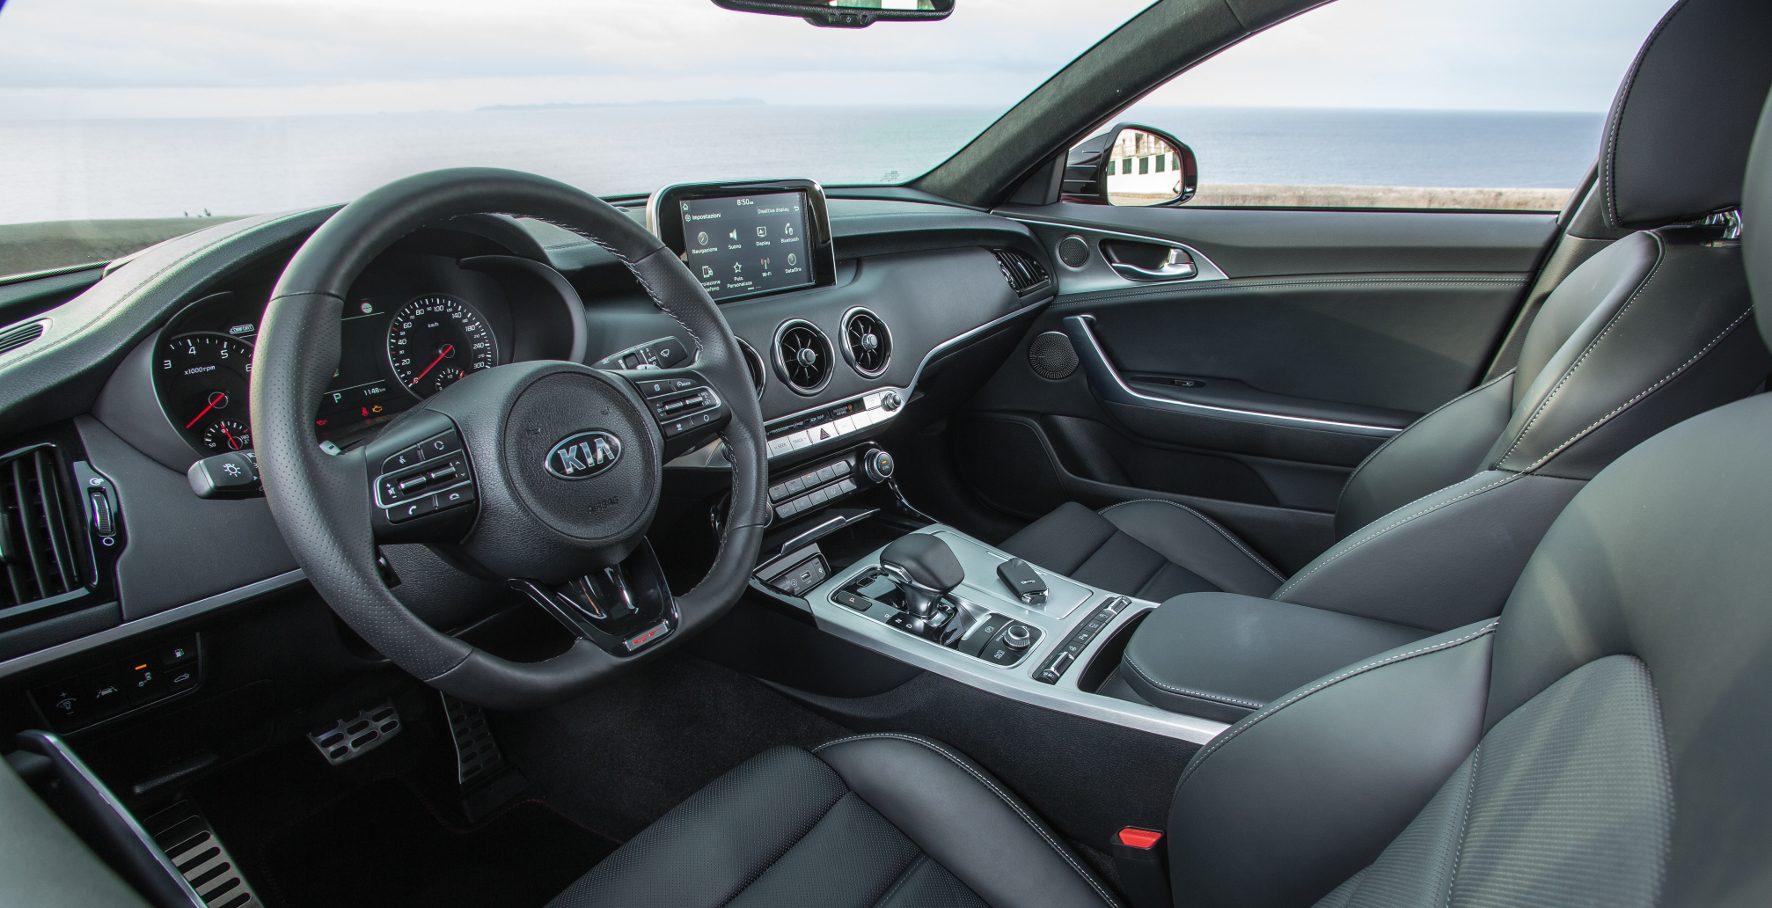 Zu den sportlichen Qualitäten gesellen sich das Platzangebot und der Komfort, den man von einem Auto dieser Größe erwartet.